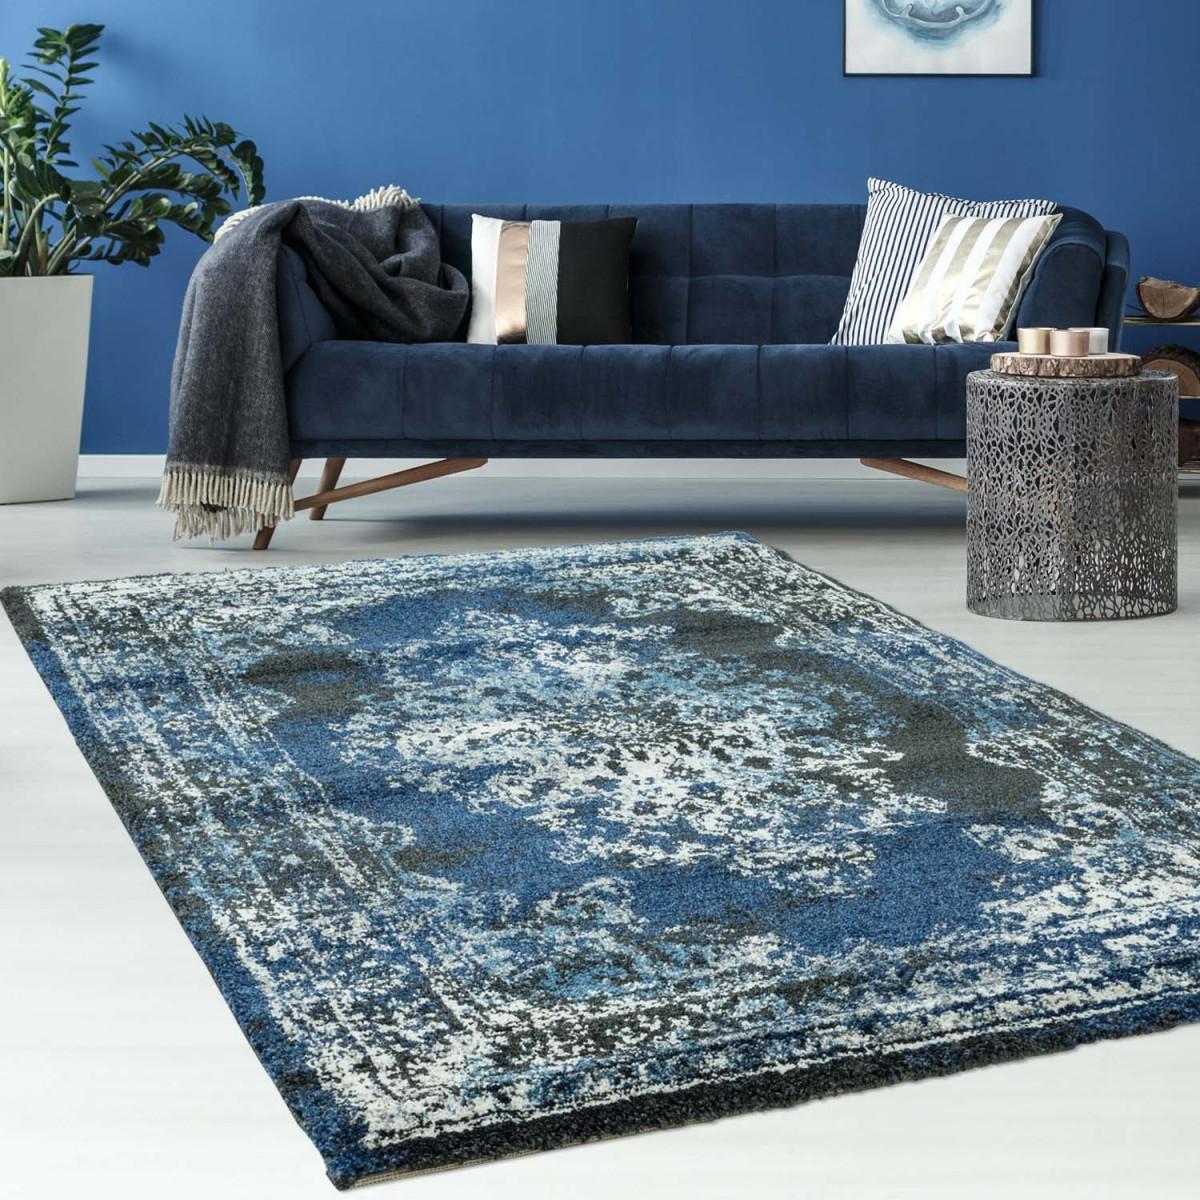 Teppich Mit Klassischem Design  Gabeh 3931 Schwarz Blau von Teppich Wohnzimmer Blau Bild